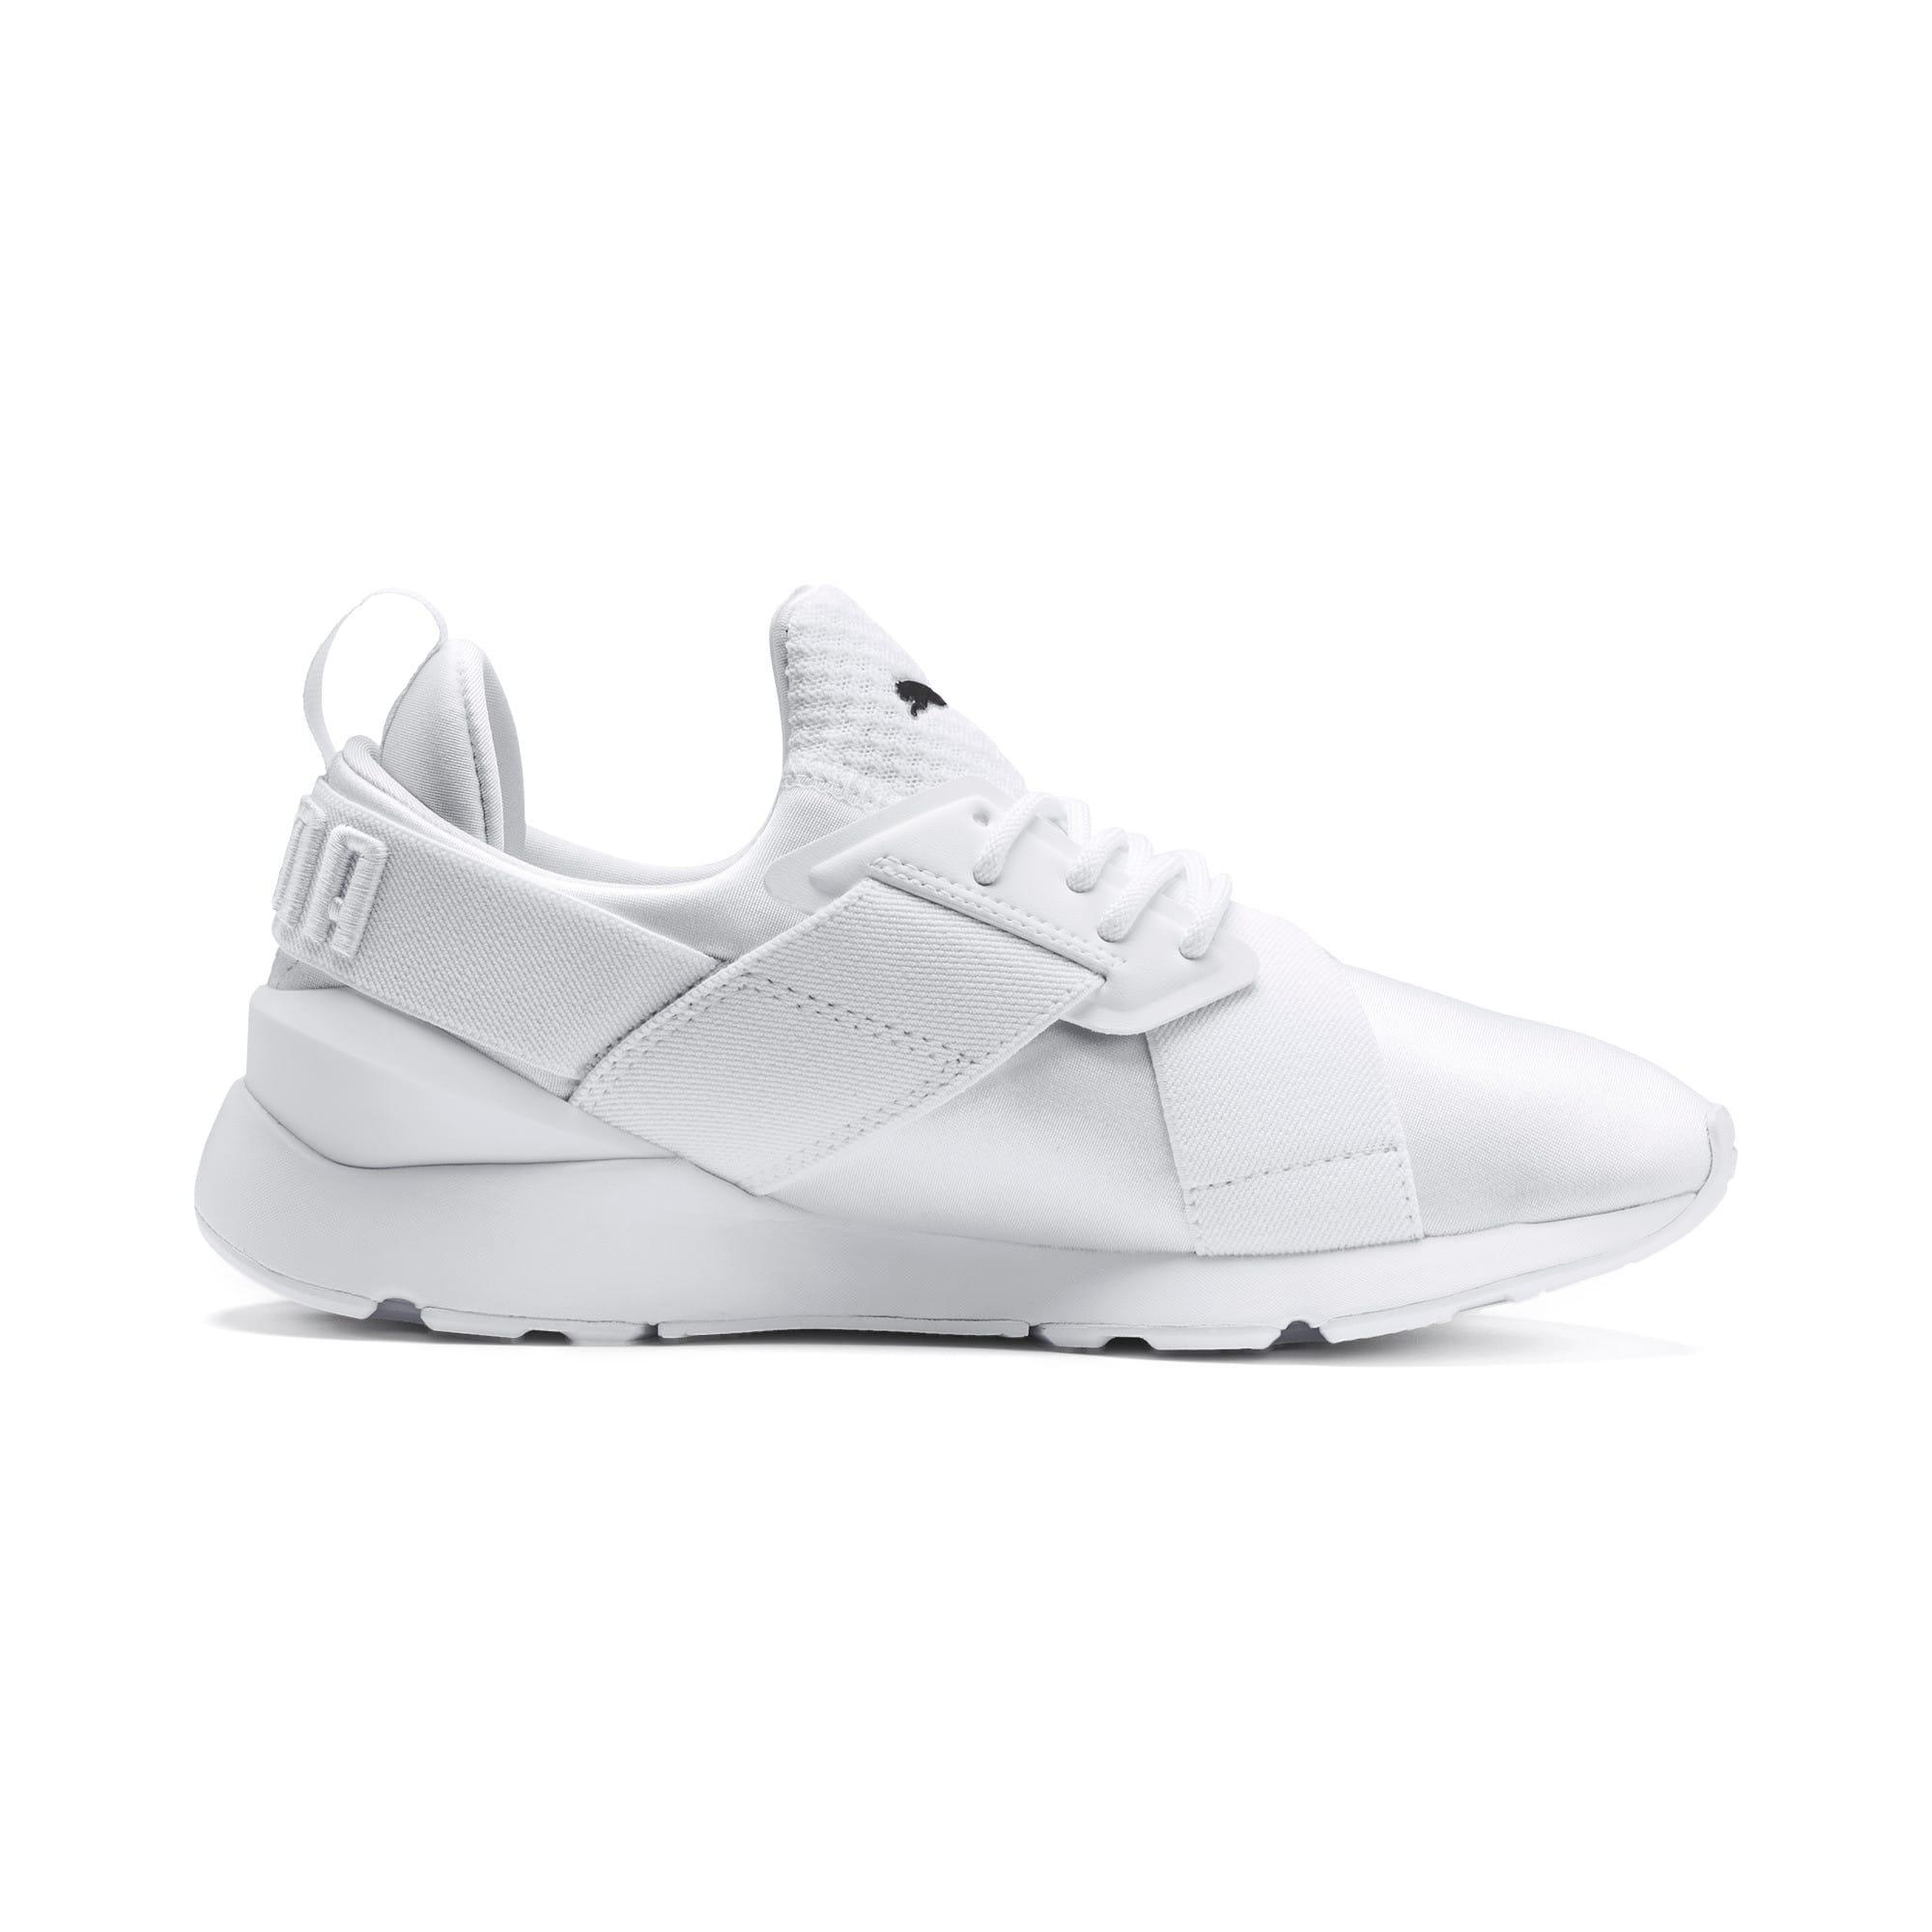 Thumbnail 5 of En Pointe Muse Satin Women's Sneakers, Puma White-Puma White, medium